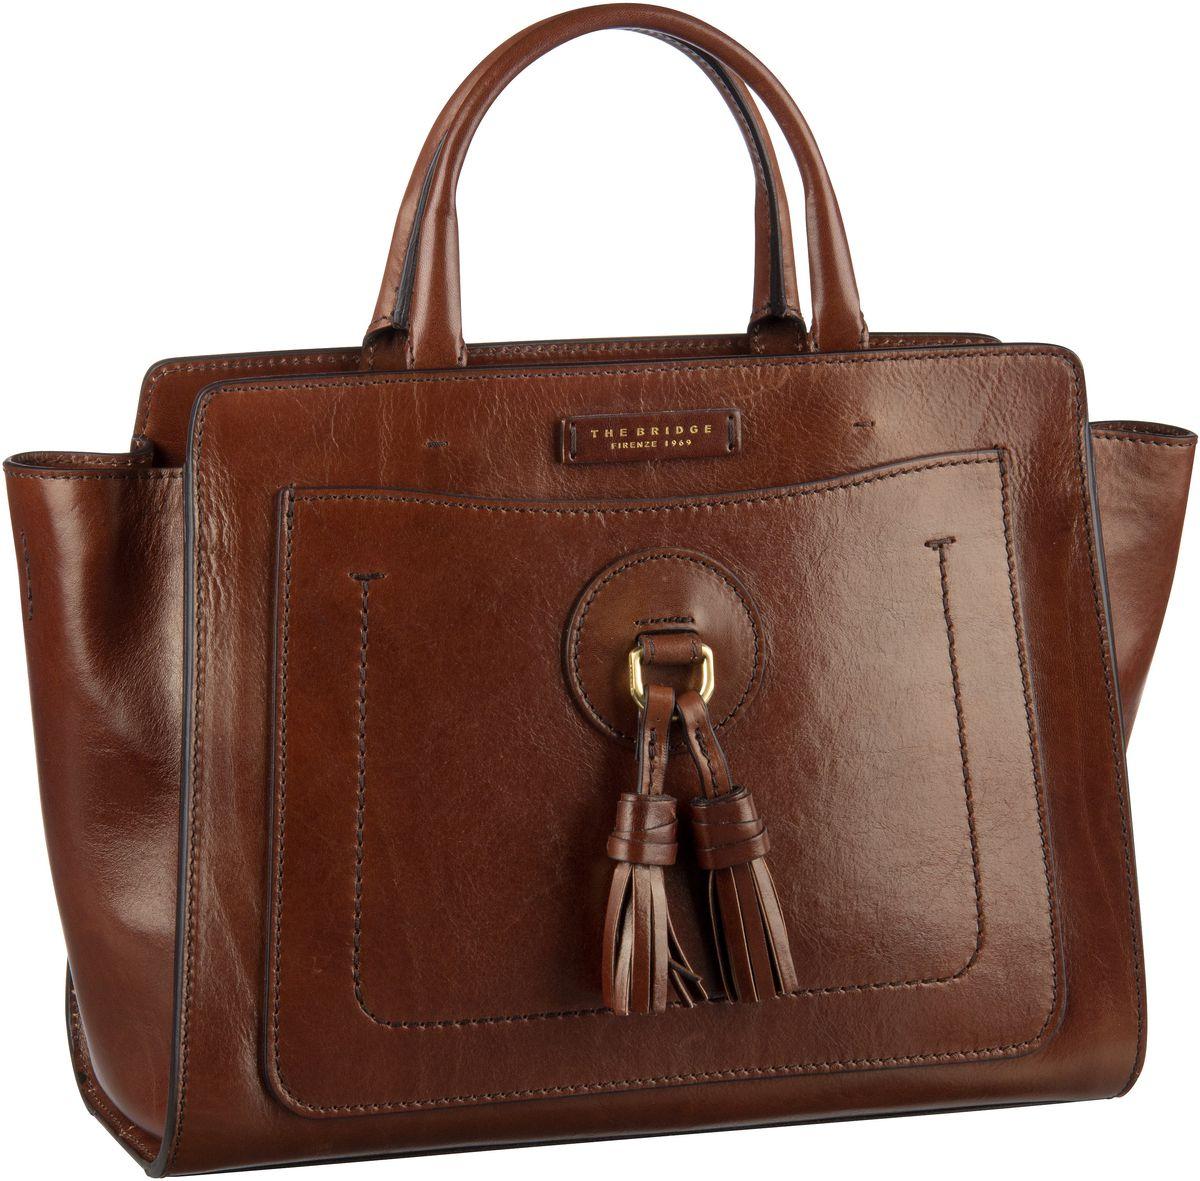 Handtasche Santacroce Handtasche 3318 Marrone/Oro